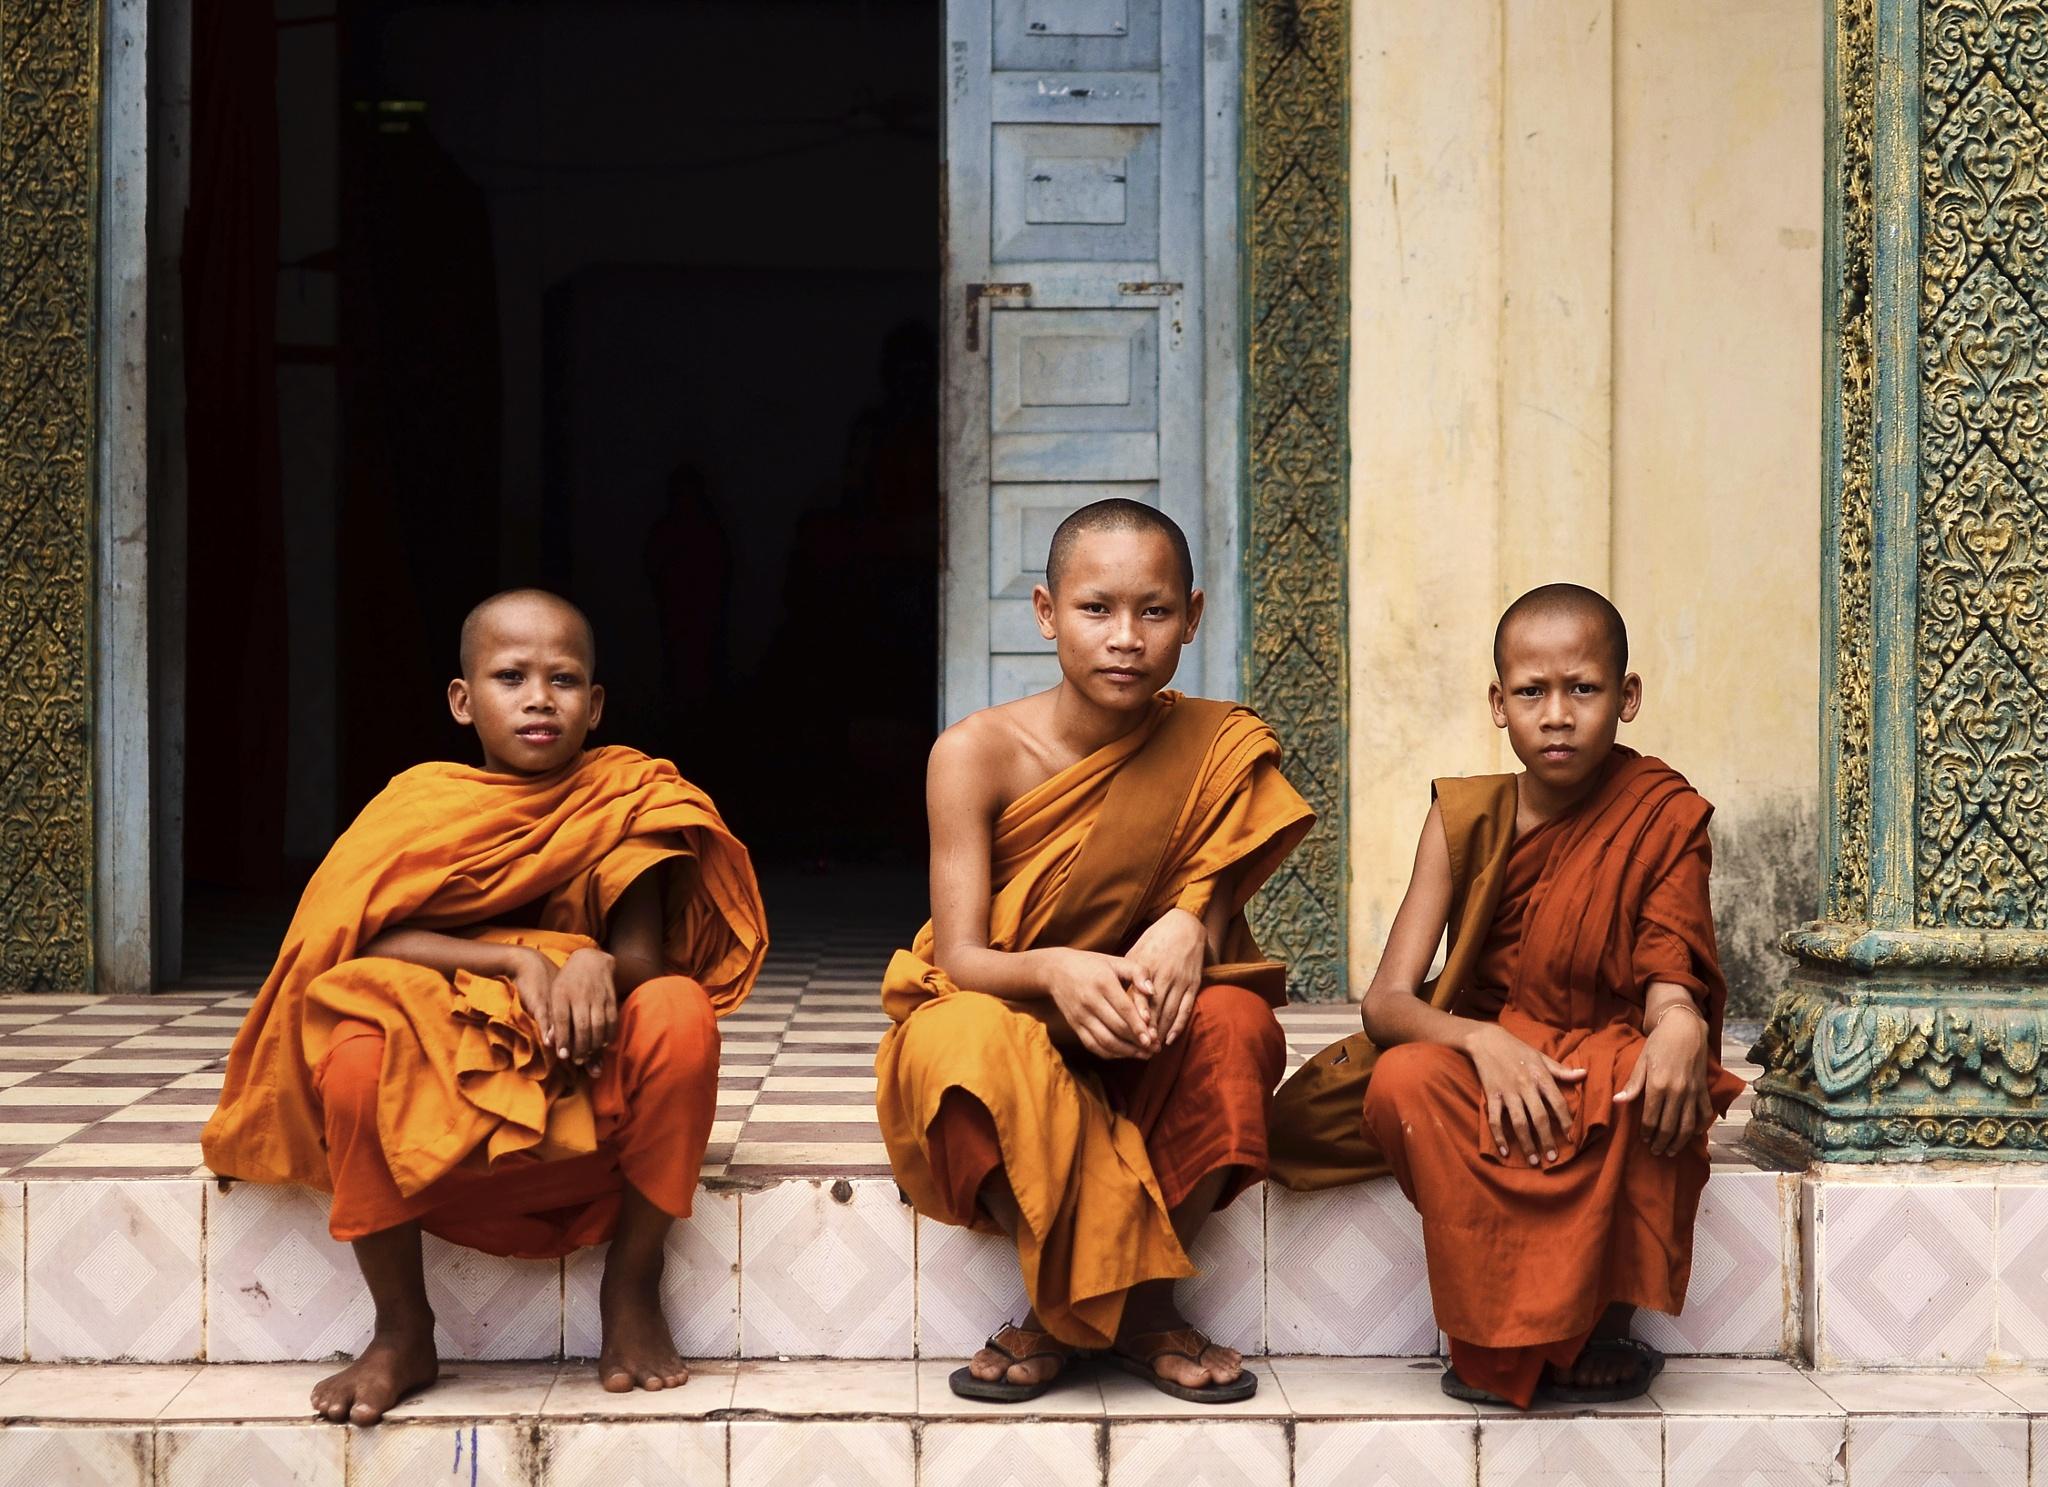 Budhas. by jasdav